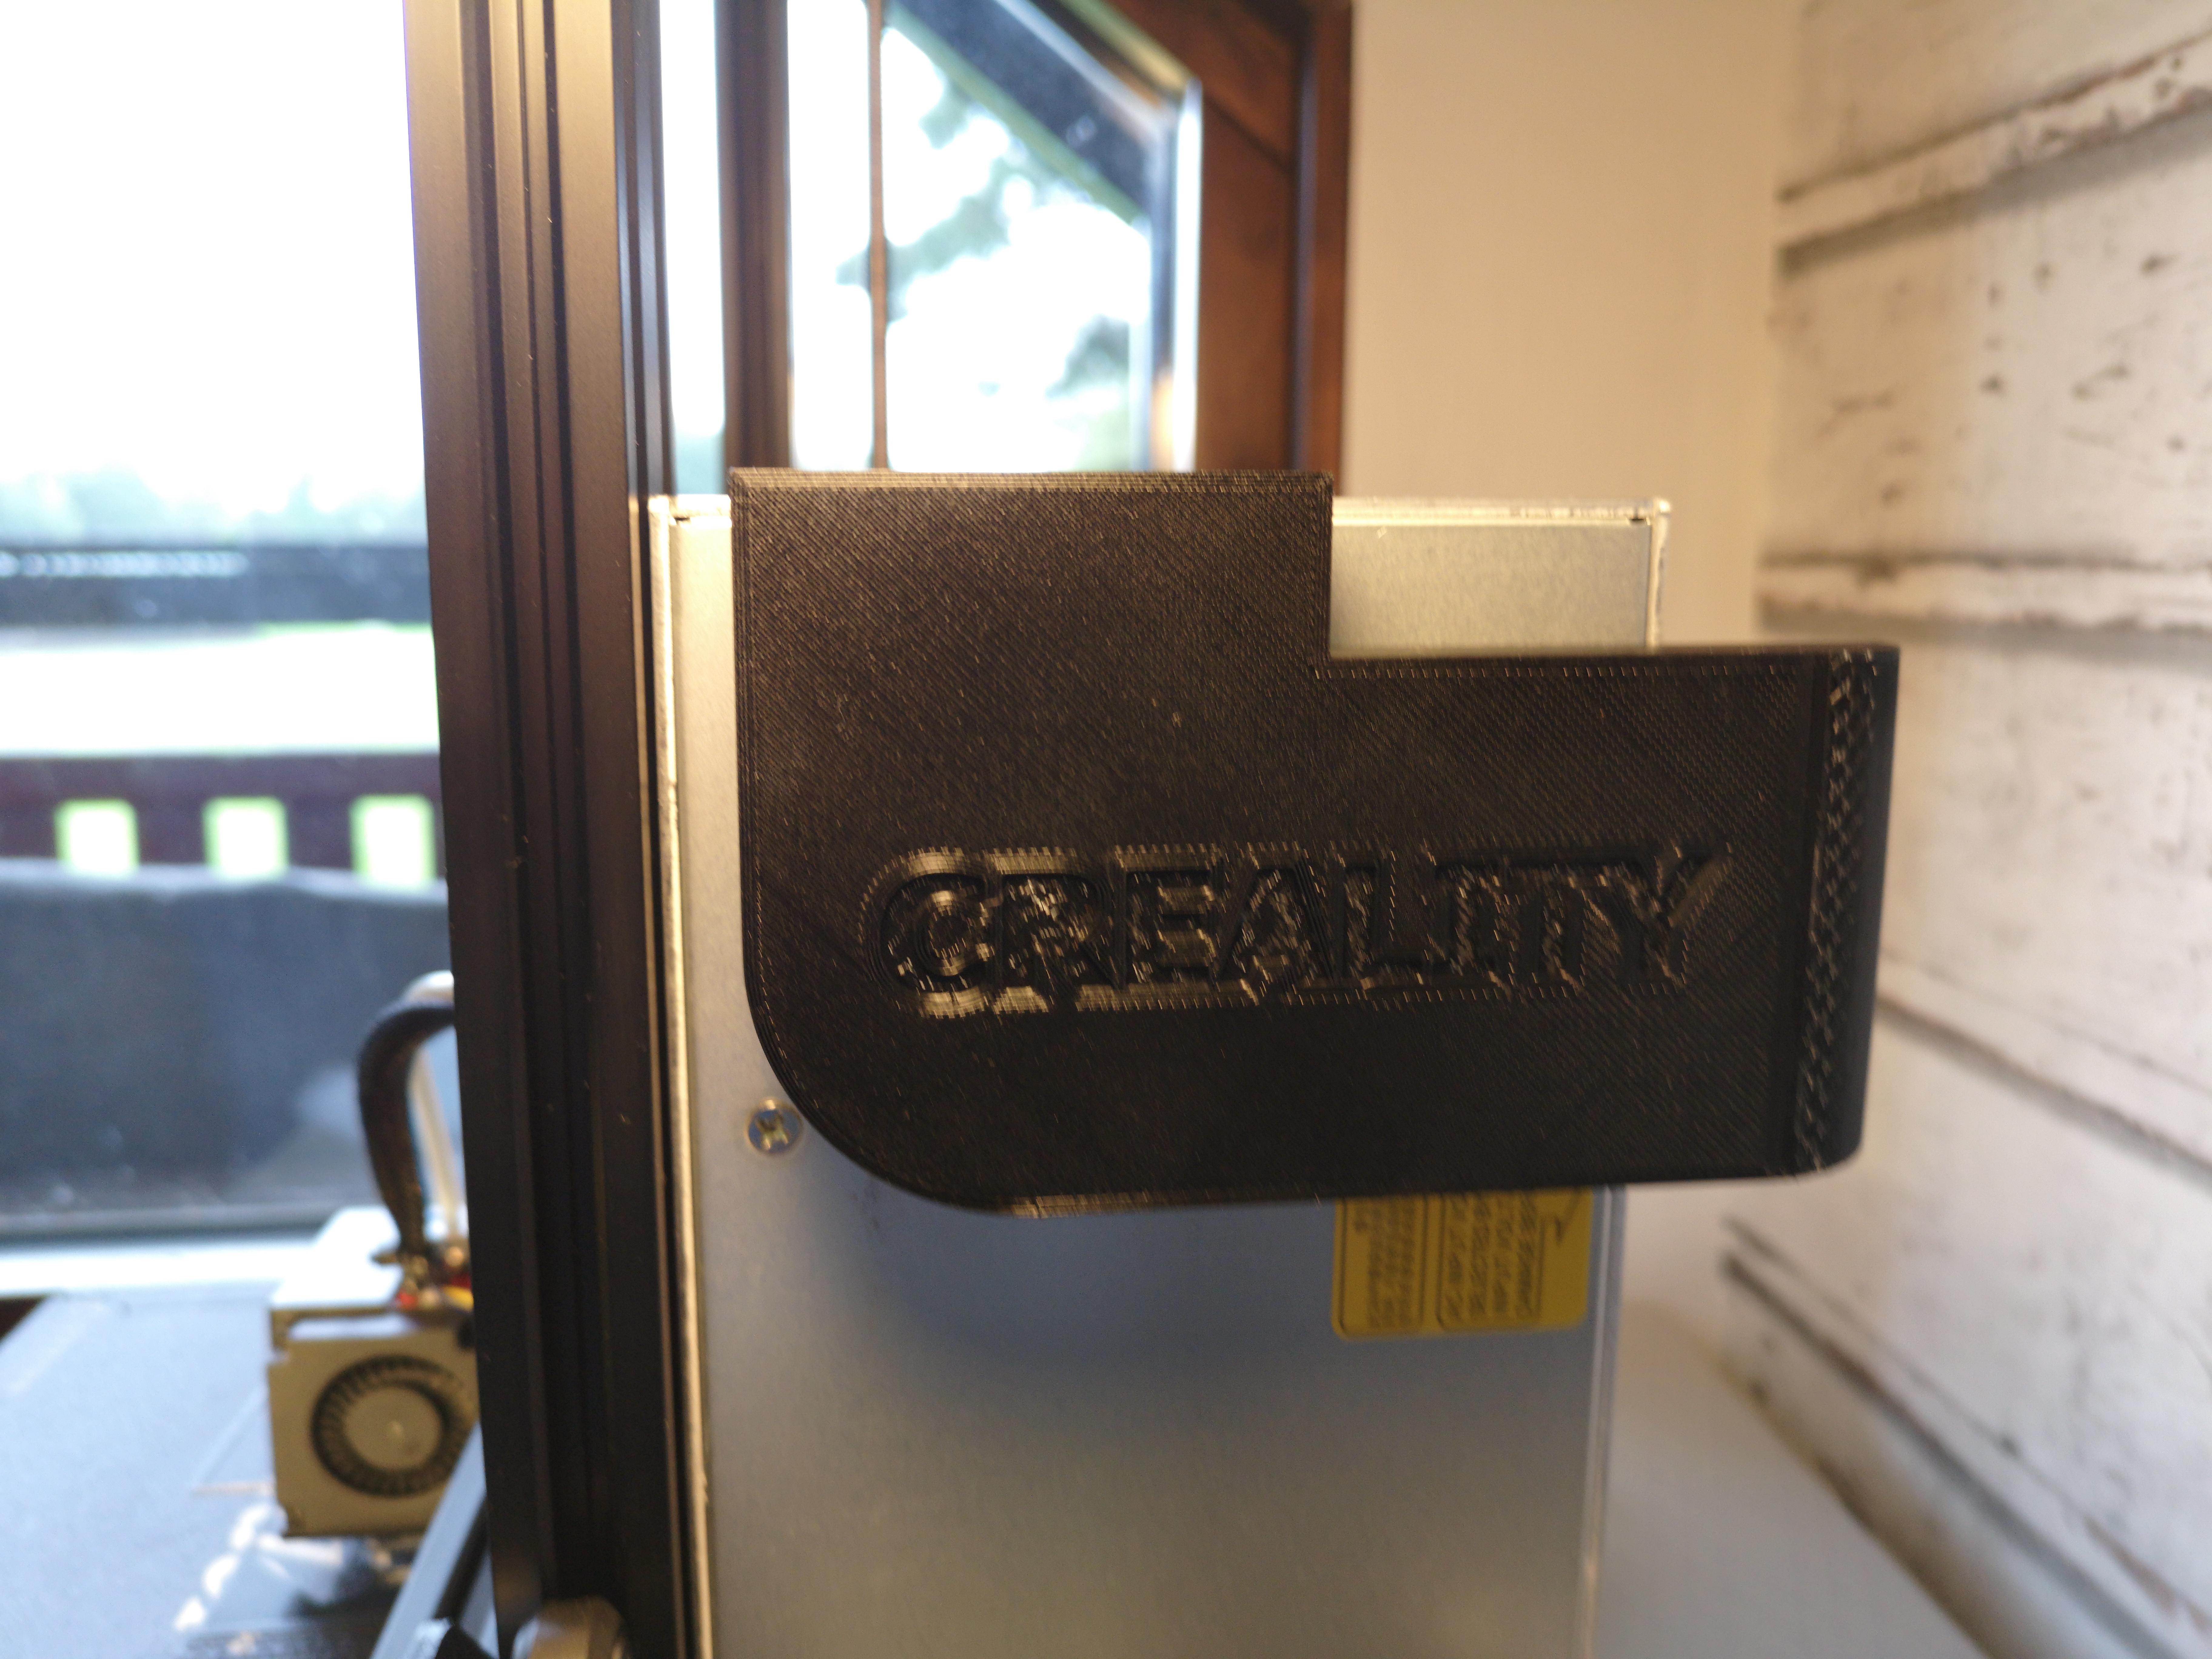 IMG_20190823_122417[1].jpg Télécharger fichier STL gratuit Couvercle de ventilateur Creality Ender 3 Pro PSU • Plan à imprimer en 3D, patrikglasoga